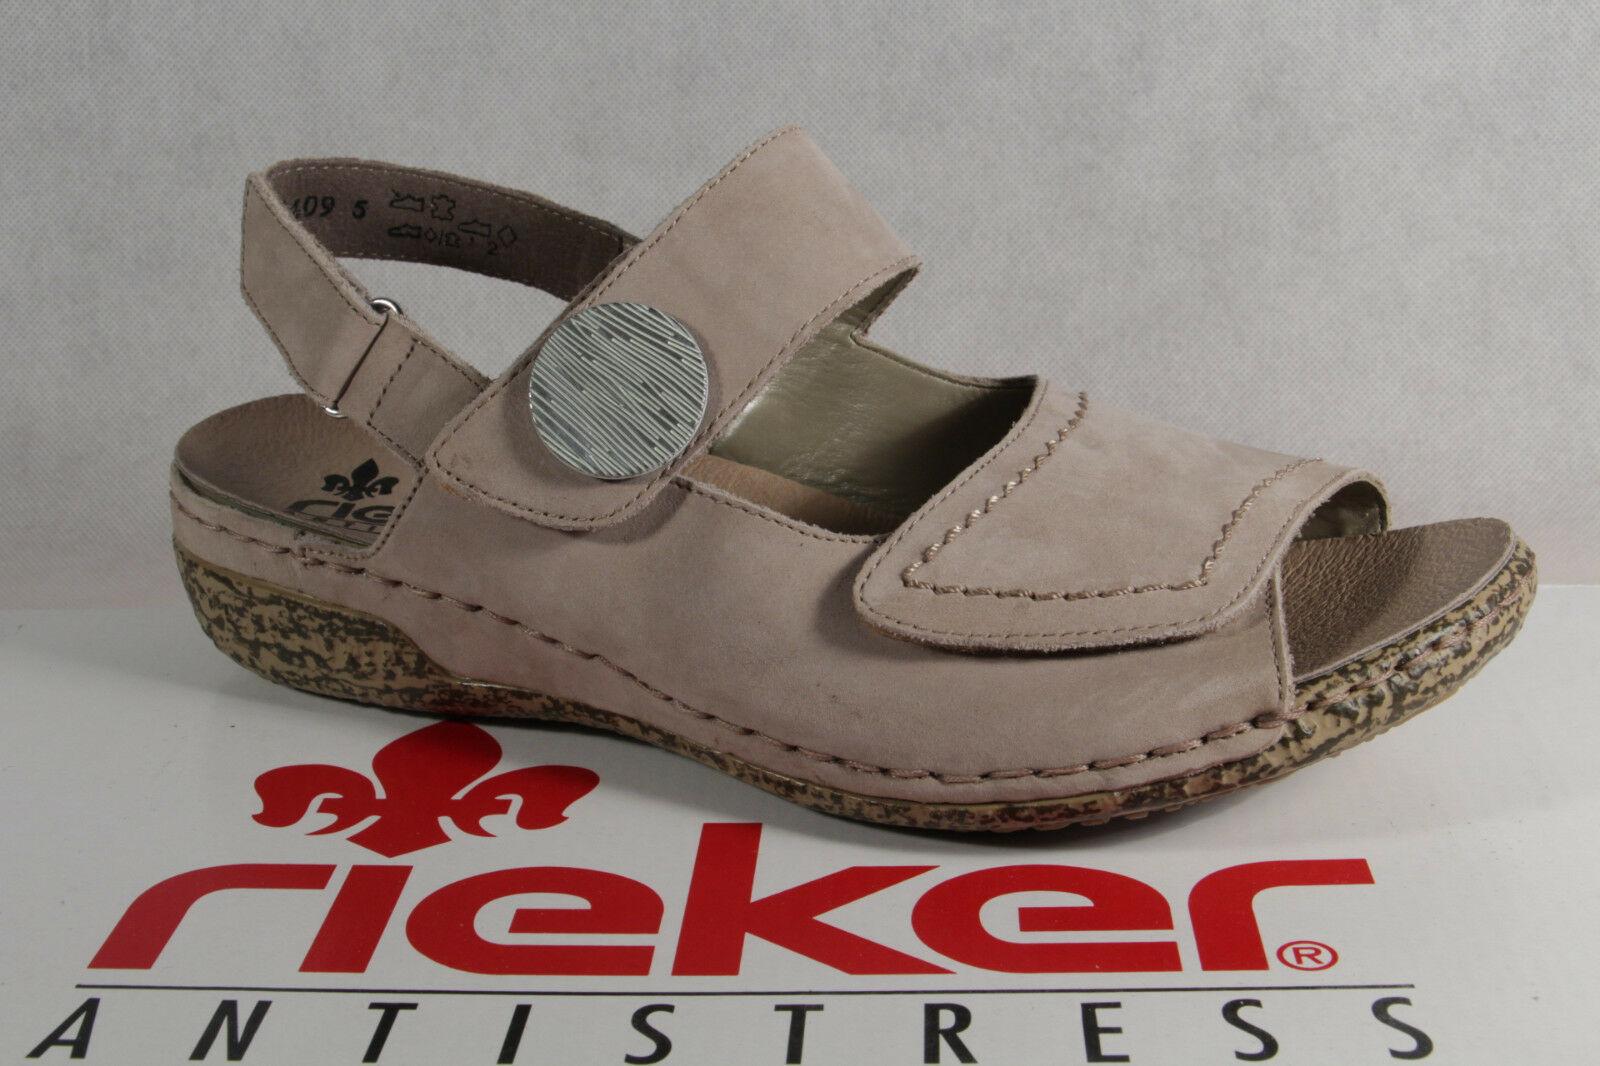 klare Textur neuartiger Stil gut aus x Rieker Damen Sandale Sandalen Sandalette Sandaletten beige Echtleder NEU!!